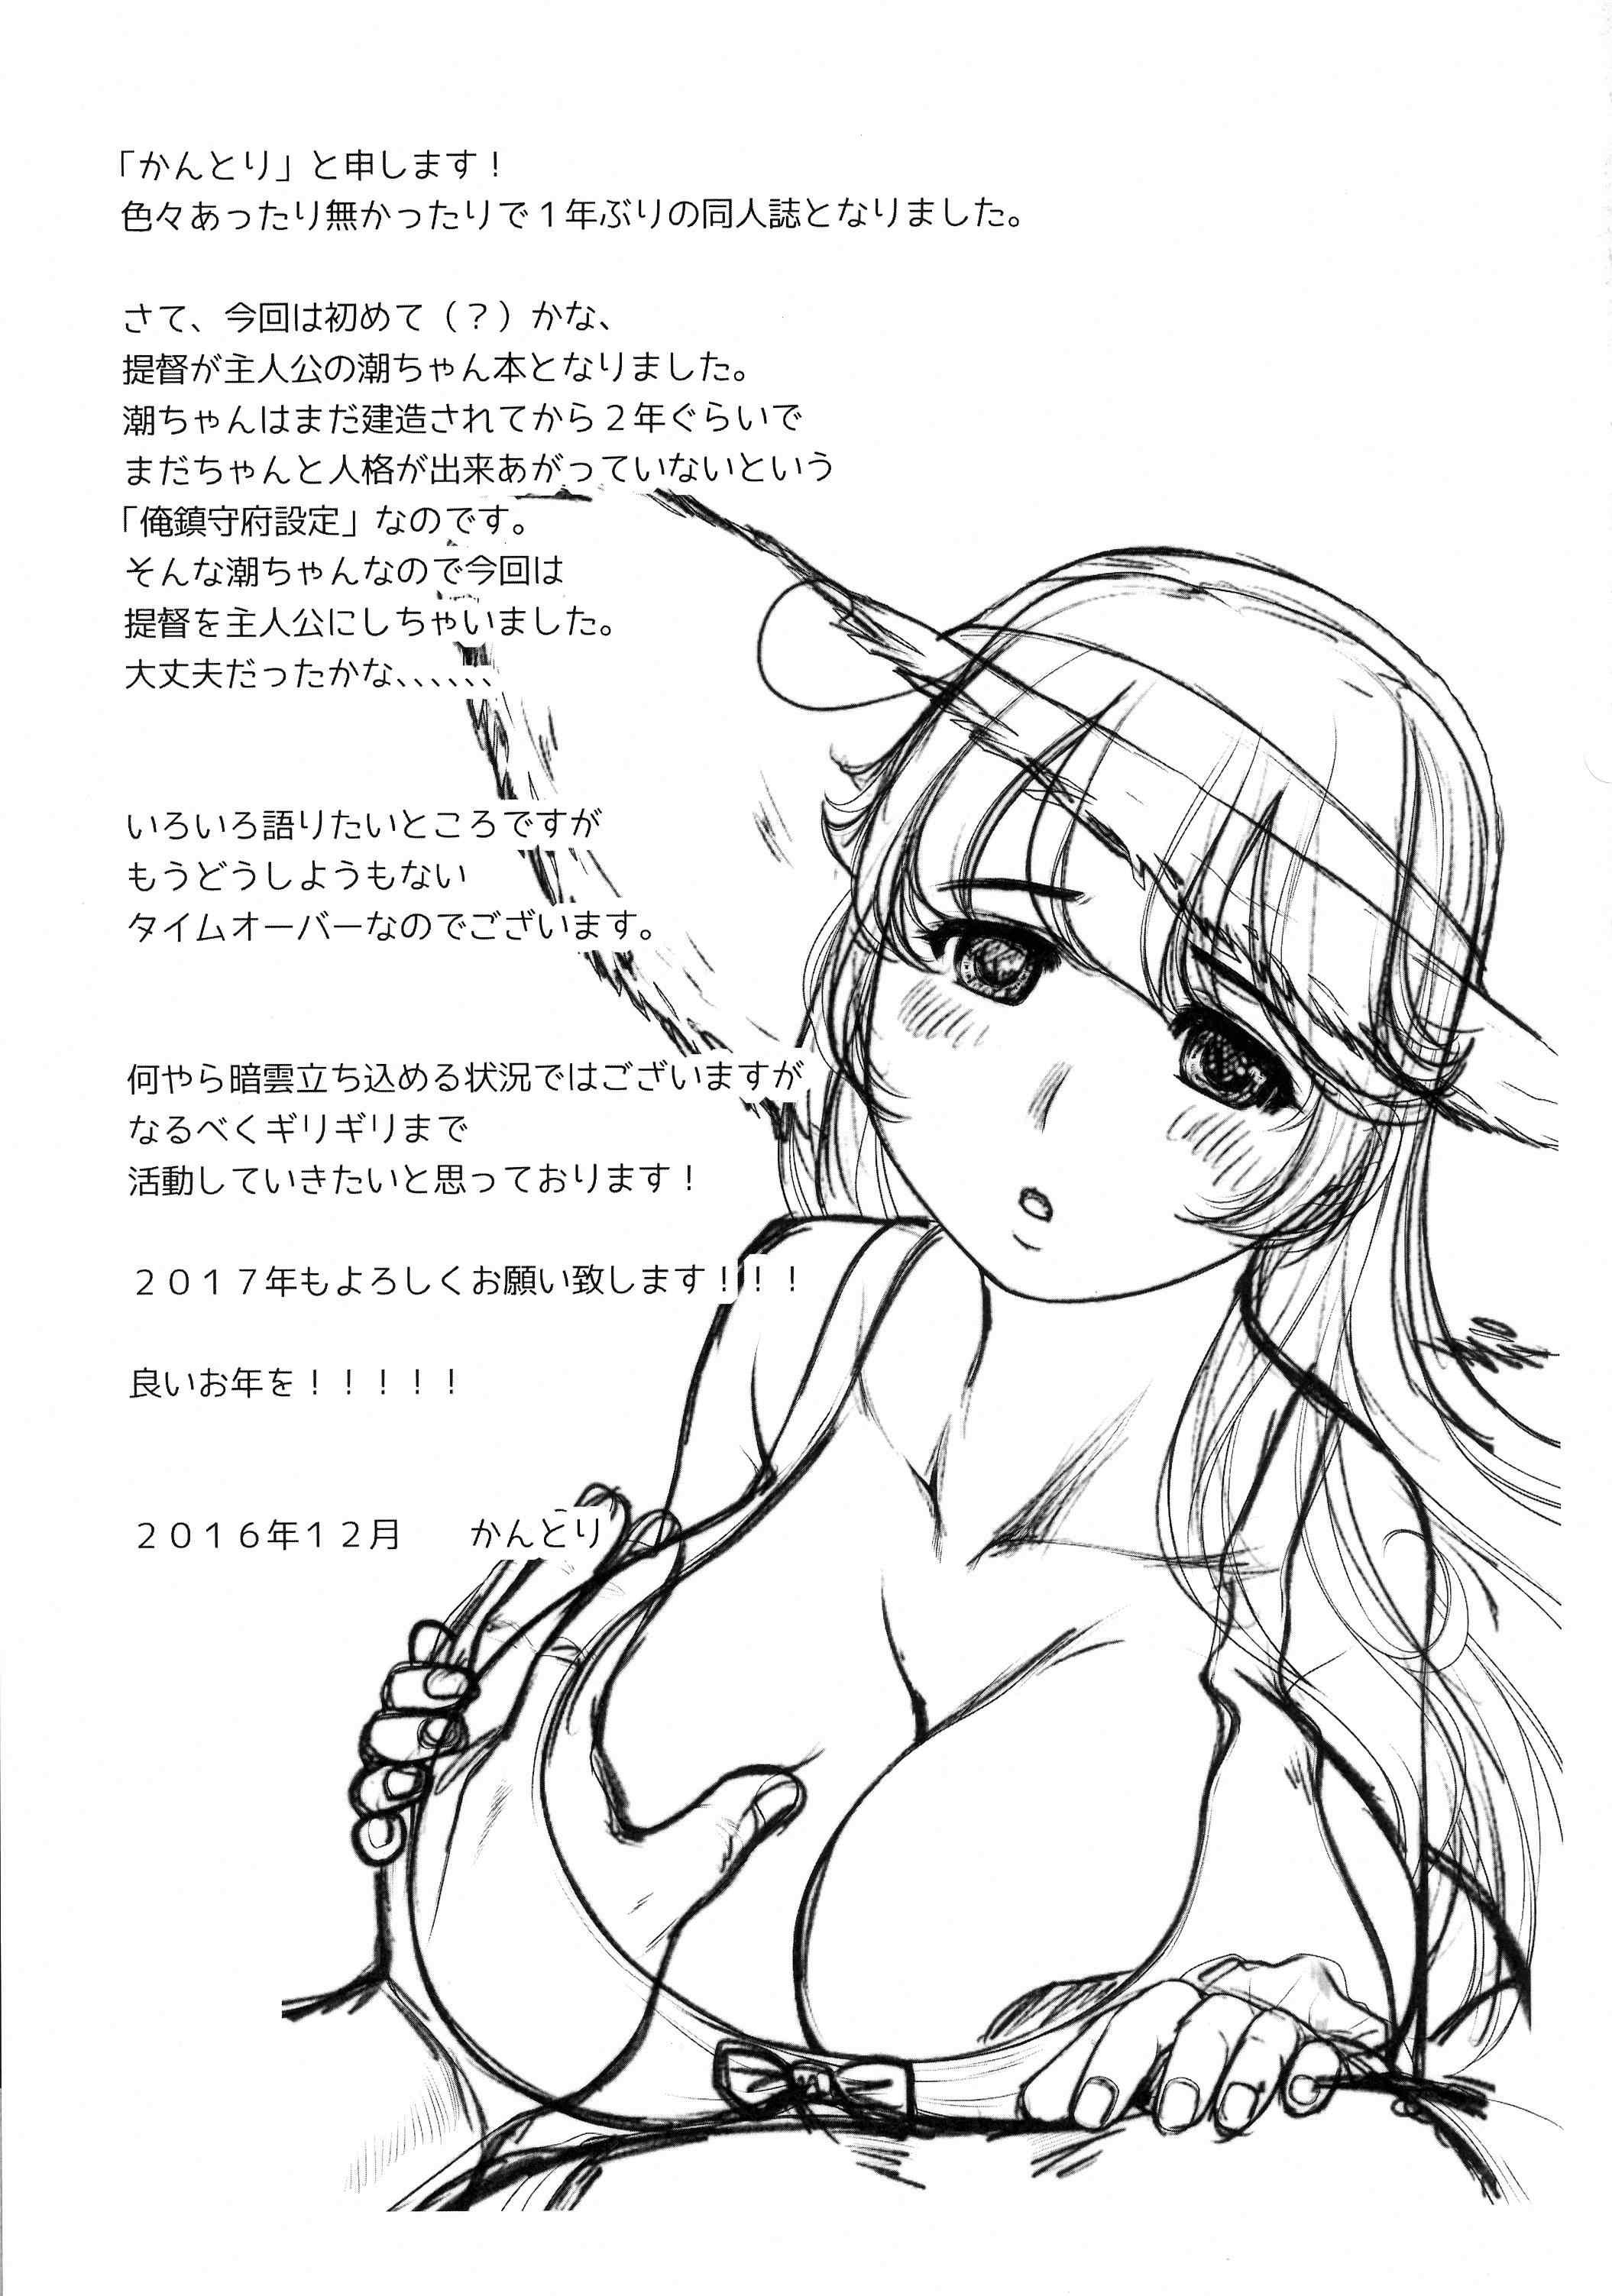 【艦これ エロ漫画・エロ同人】巨乳の潮に陥没乳首の相談されたから吸いだしたったwエッチな事して勃起しちゃったからそのままセックス開始www (19)